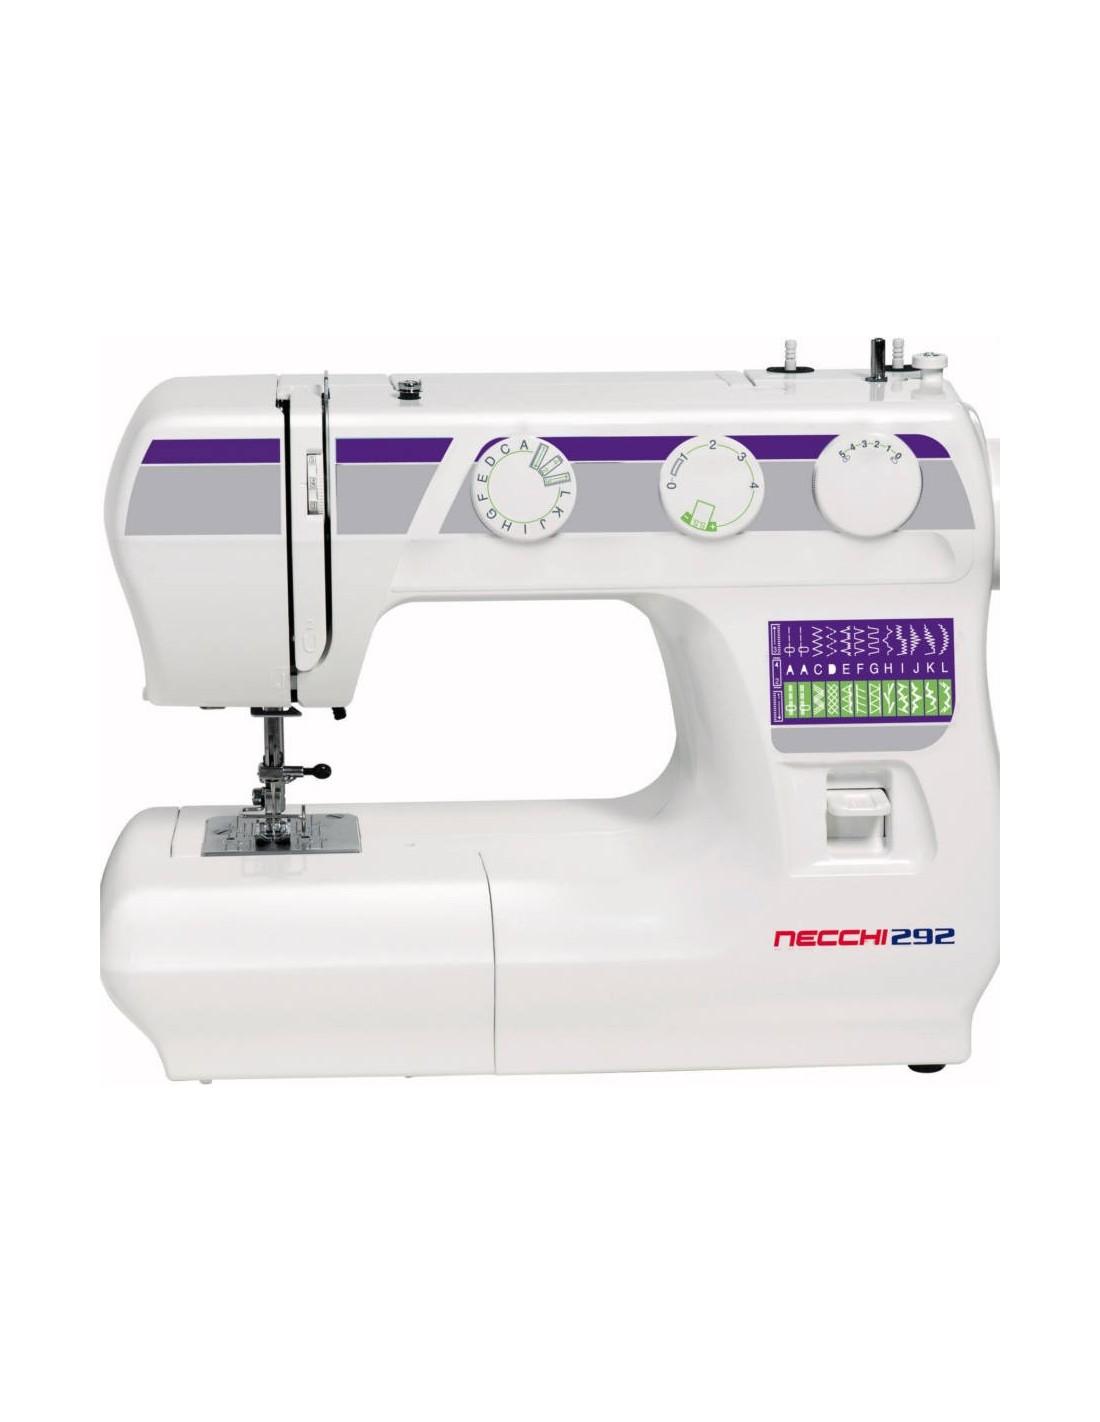 Macchina da cucire necchi 292 macchine per cucire for Cucire macchina